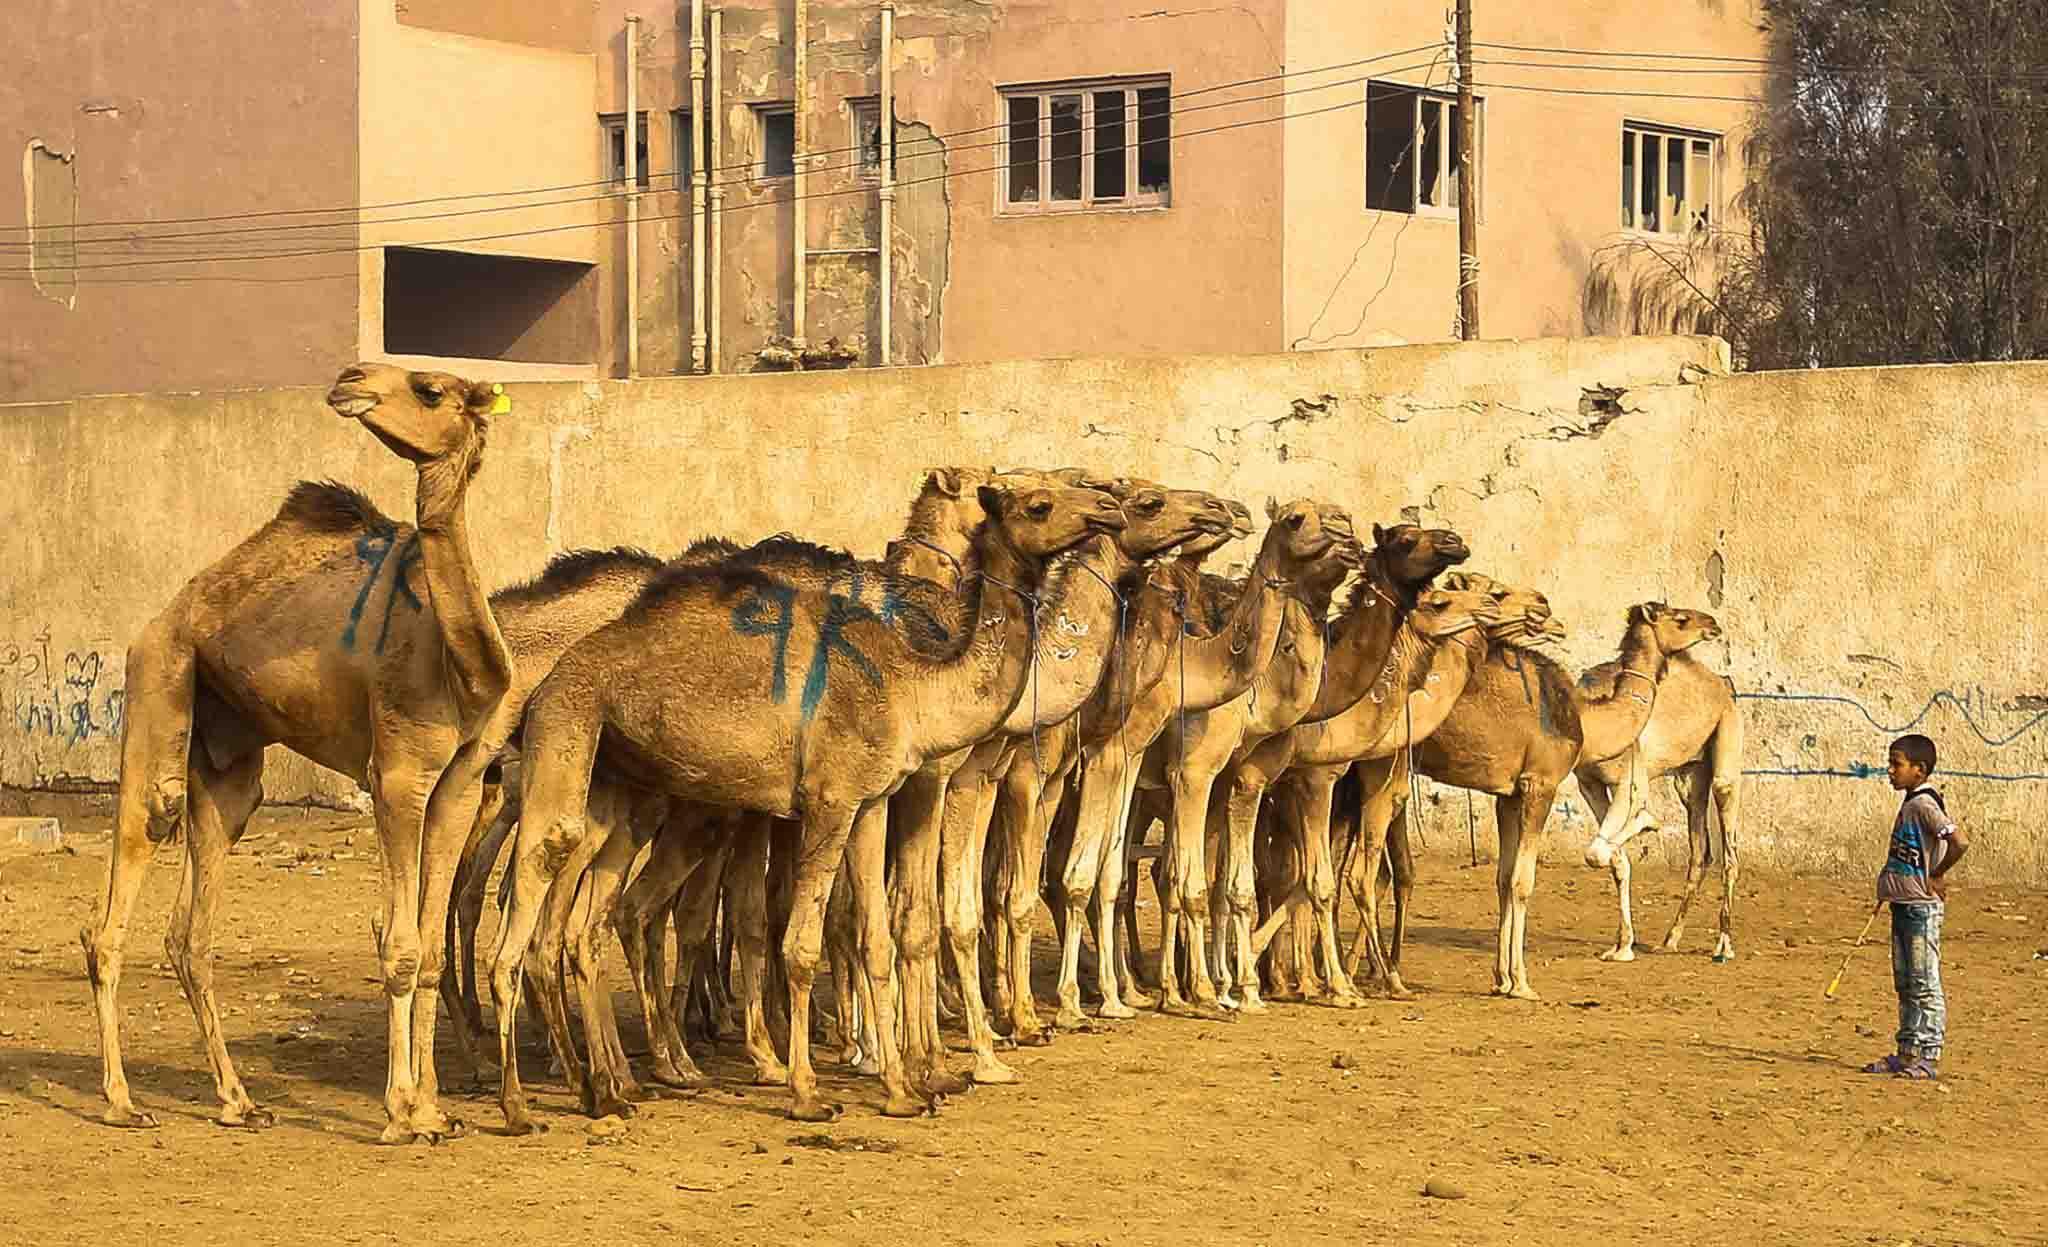 بعض أعمال المصور المصري عادل بيومي *الصورة من سوق الجمال بالقاهرة